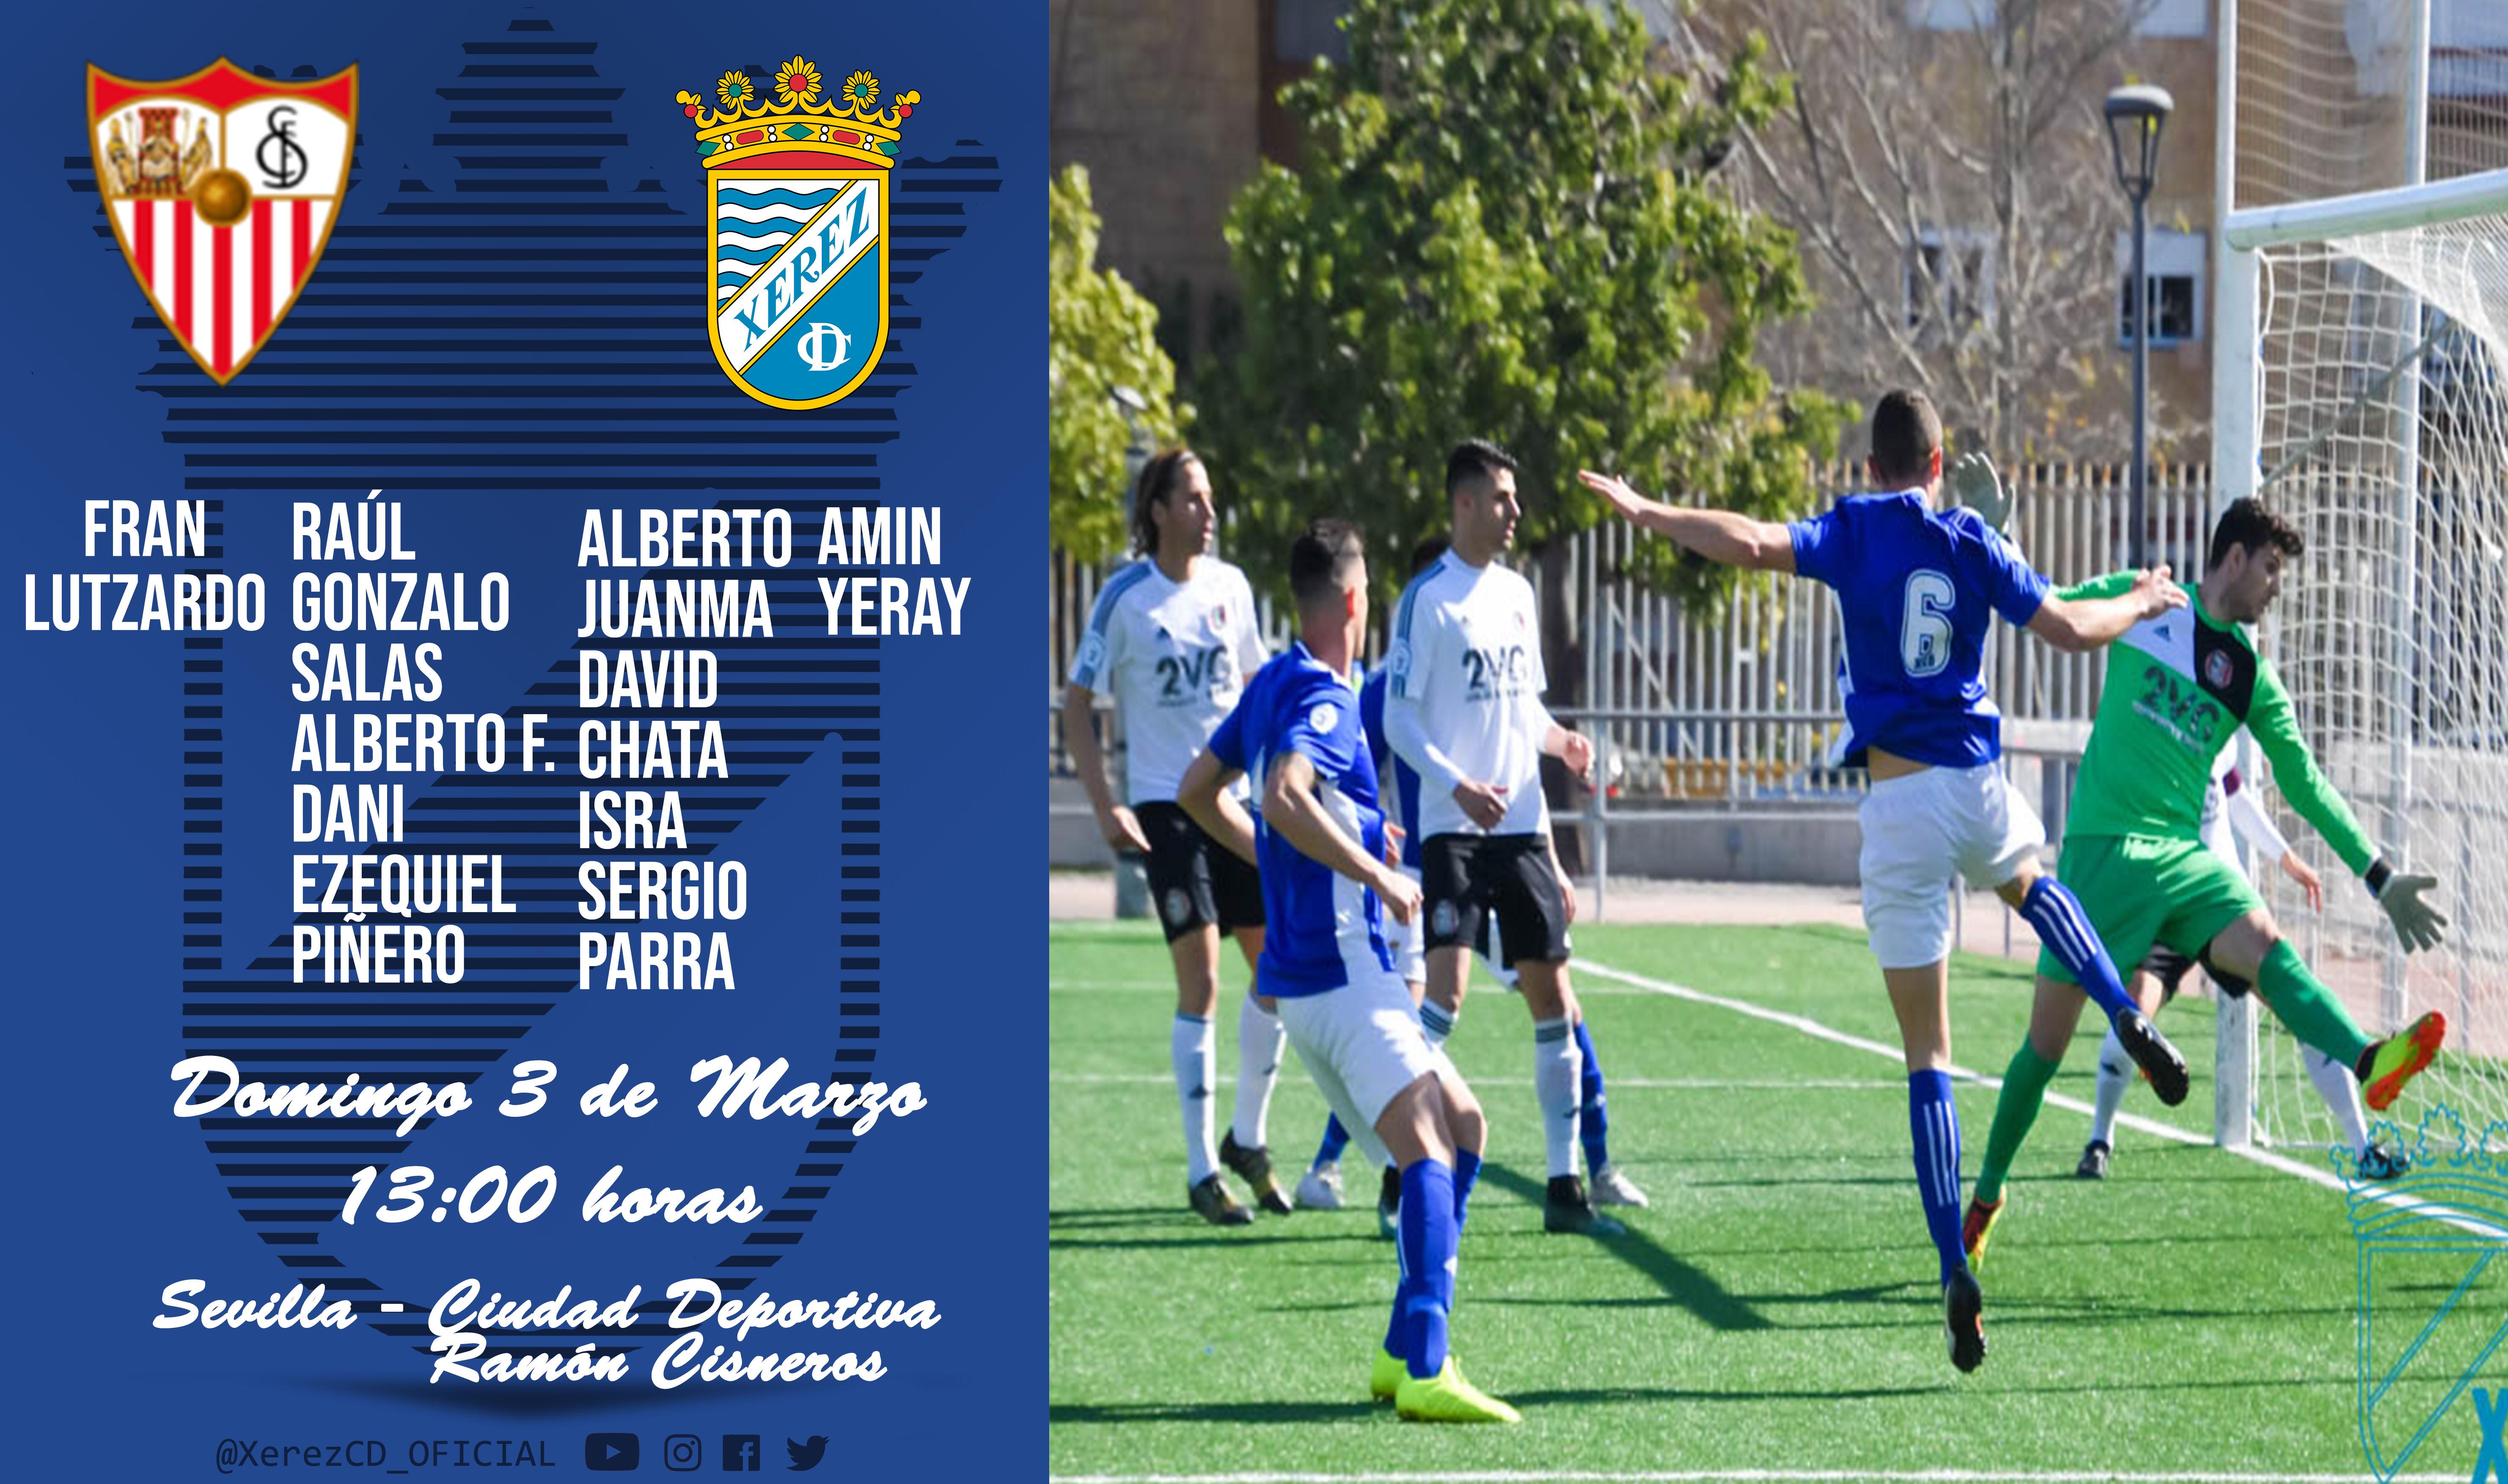 http://www.xerezclubdeportivo.es/wp-content/uploads/2019/03/Convocatoria-18-19.jpg